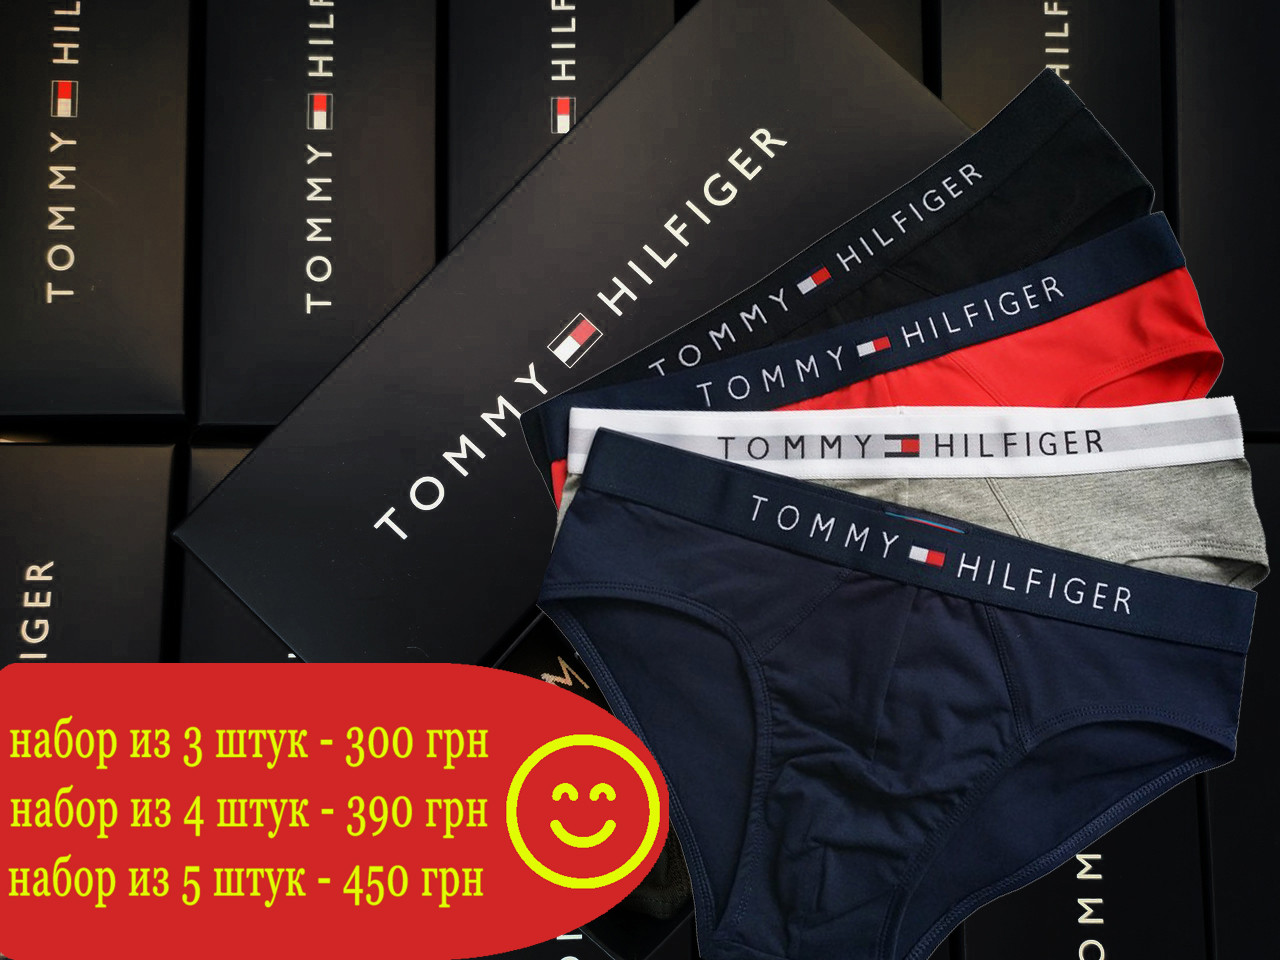 Набор мужских трусов слипов Tommy Hilfiger (реплика) в брендовой подарочной коробке размер XXL